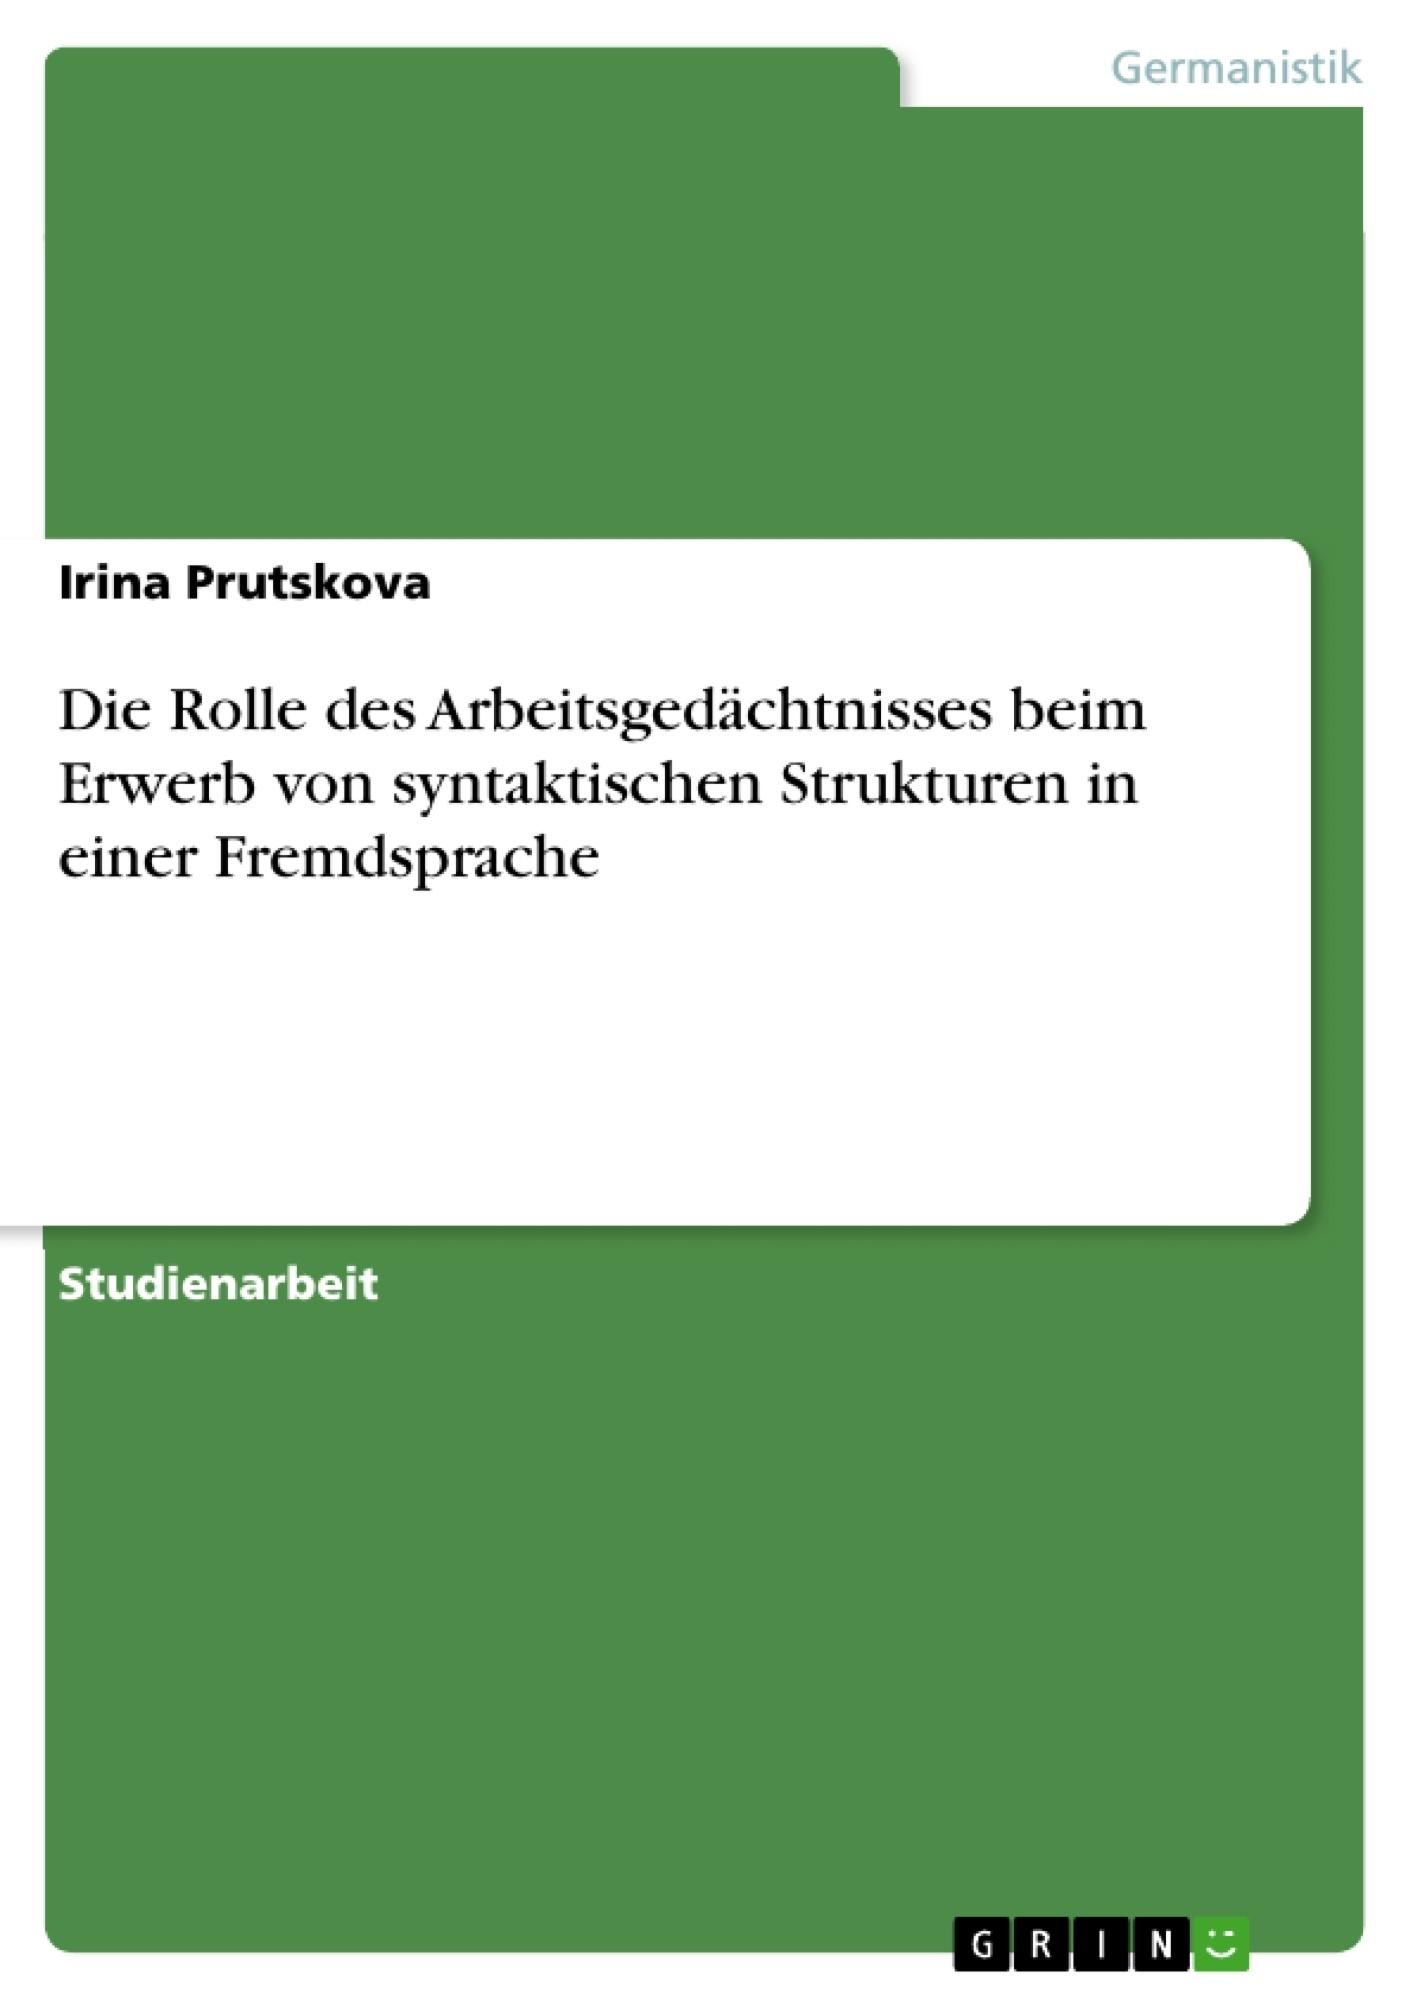 Die Rolle des Arbeitsgedächtnisses beim Erwerb von syntaktischen ...